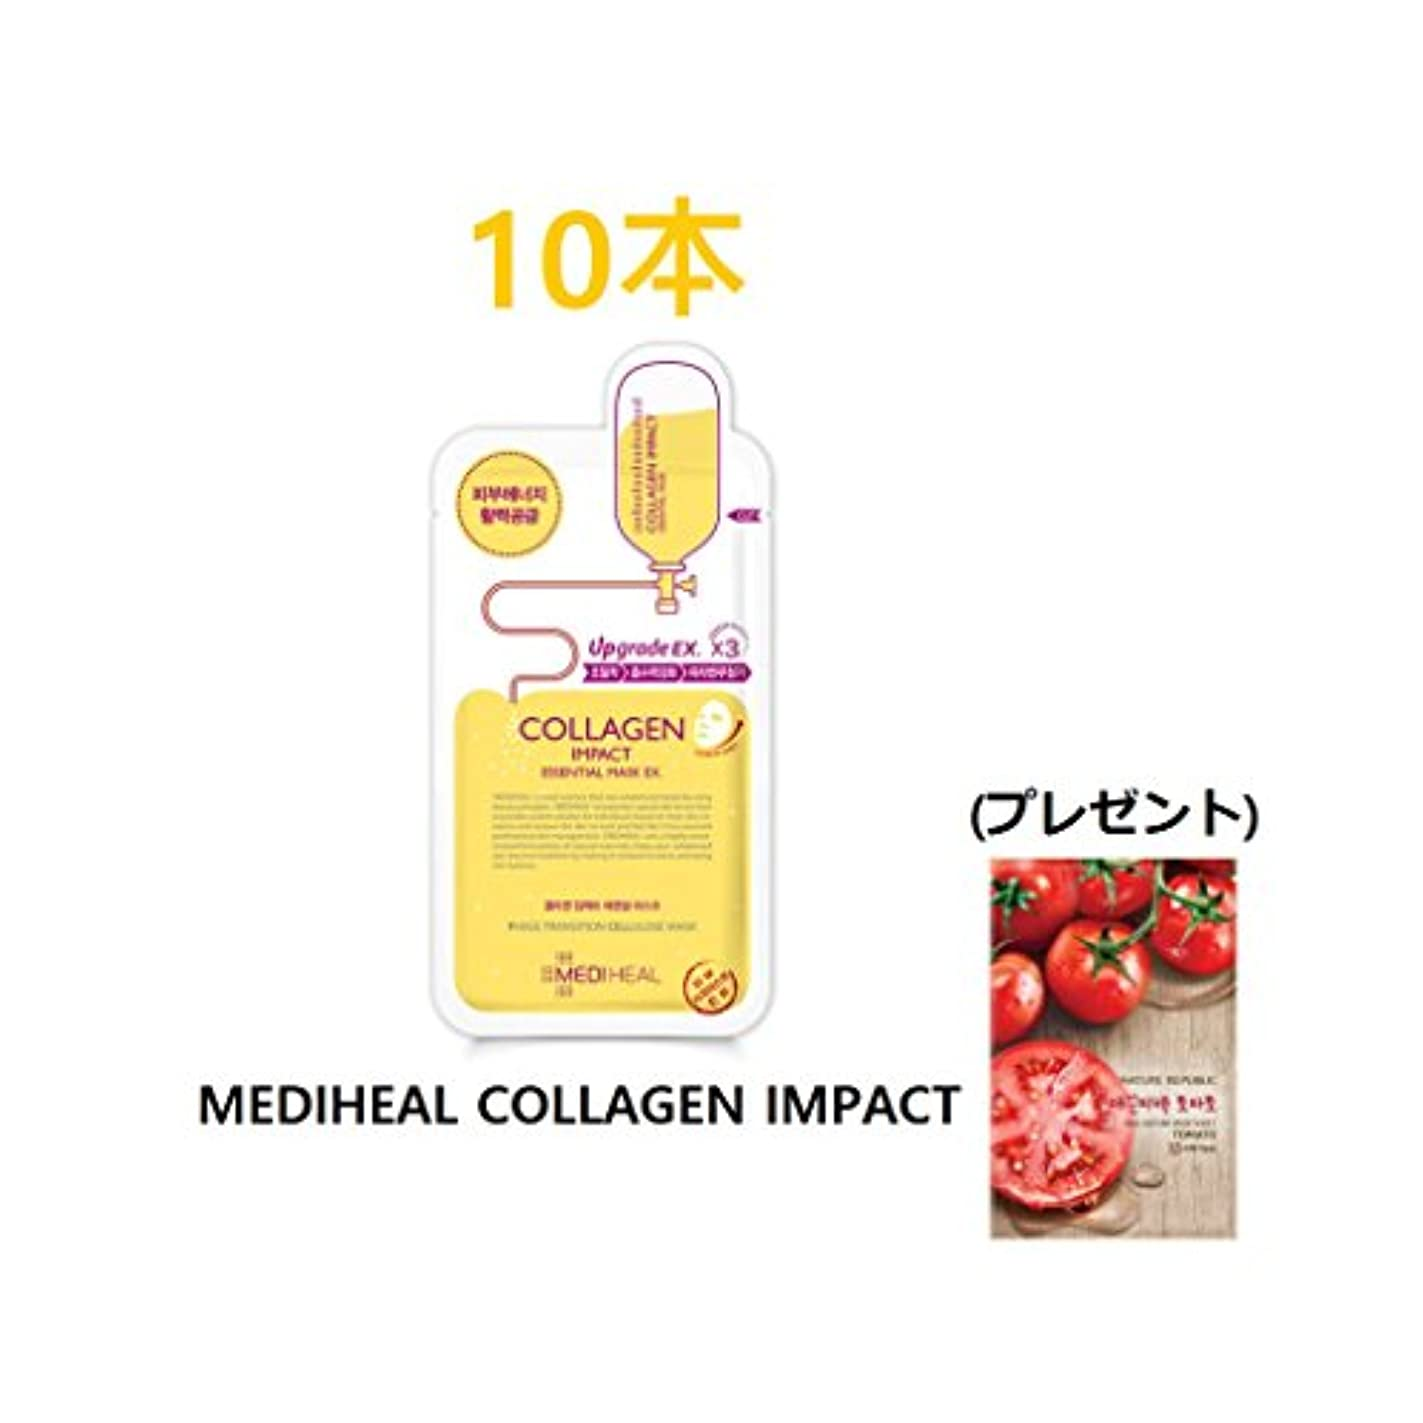 コンプライアンスベッド節約する(プレゼント) Mediheal Collagen Impact REX (メディヒール) エッセンシャルマスクパック10枚セット/コラーゲンインパクト/ [並行輸入品]